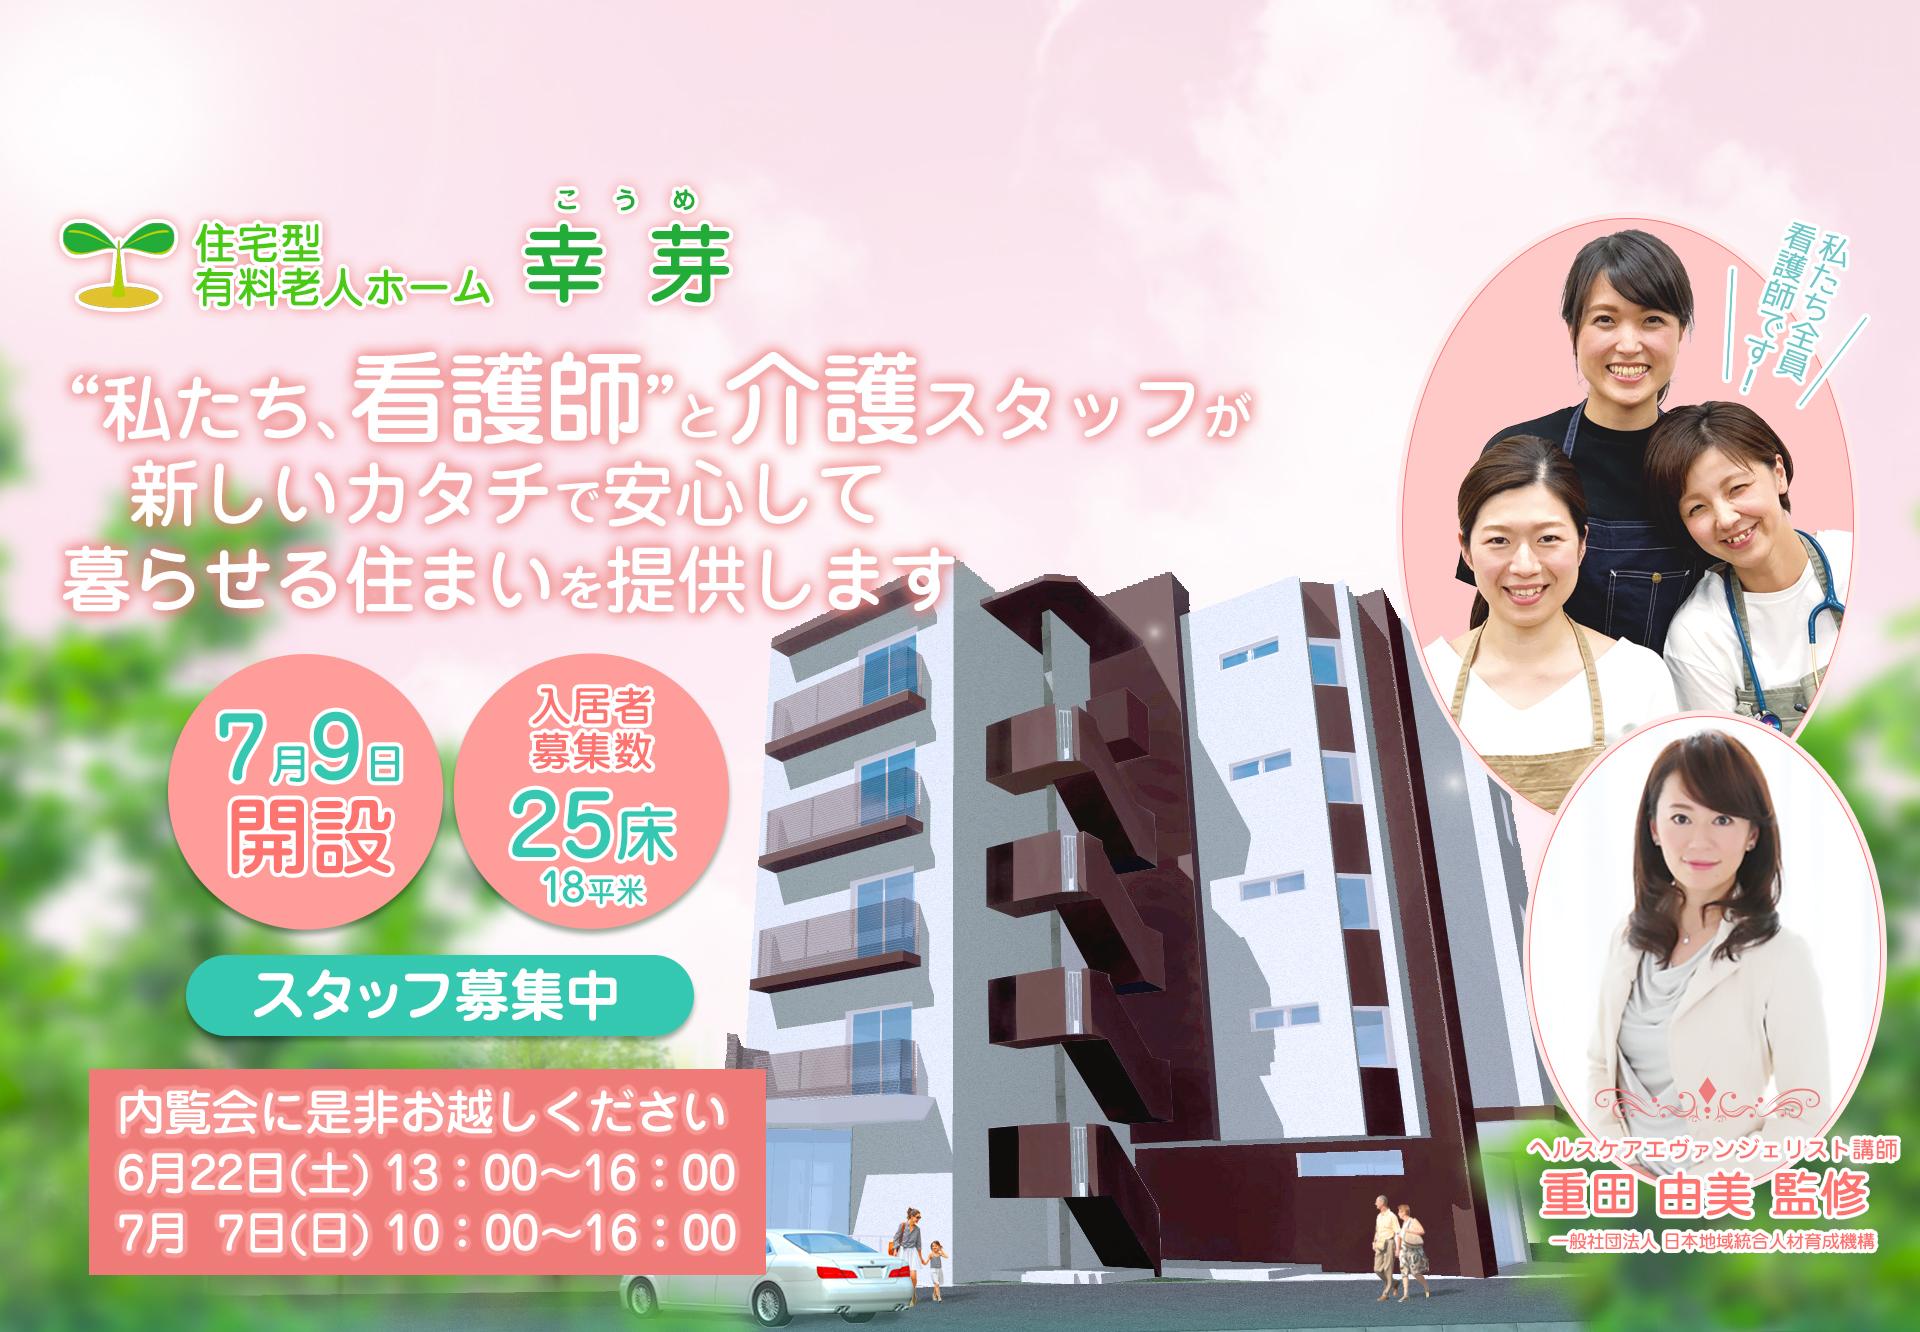 住宅型有料老人ホーム 幸芽(こうめ)内覧会のお知らせ